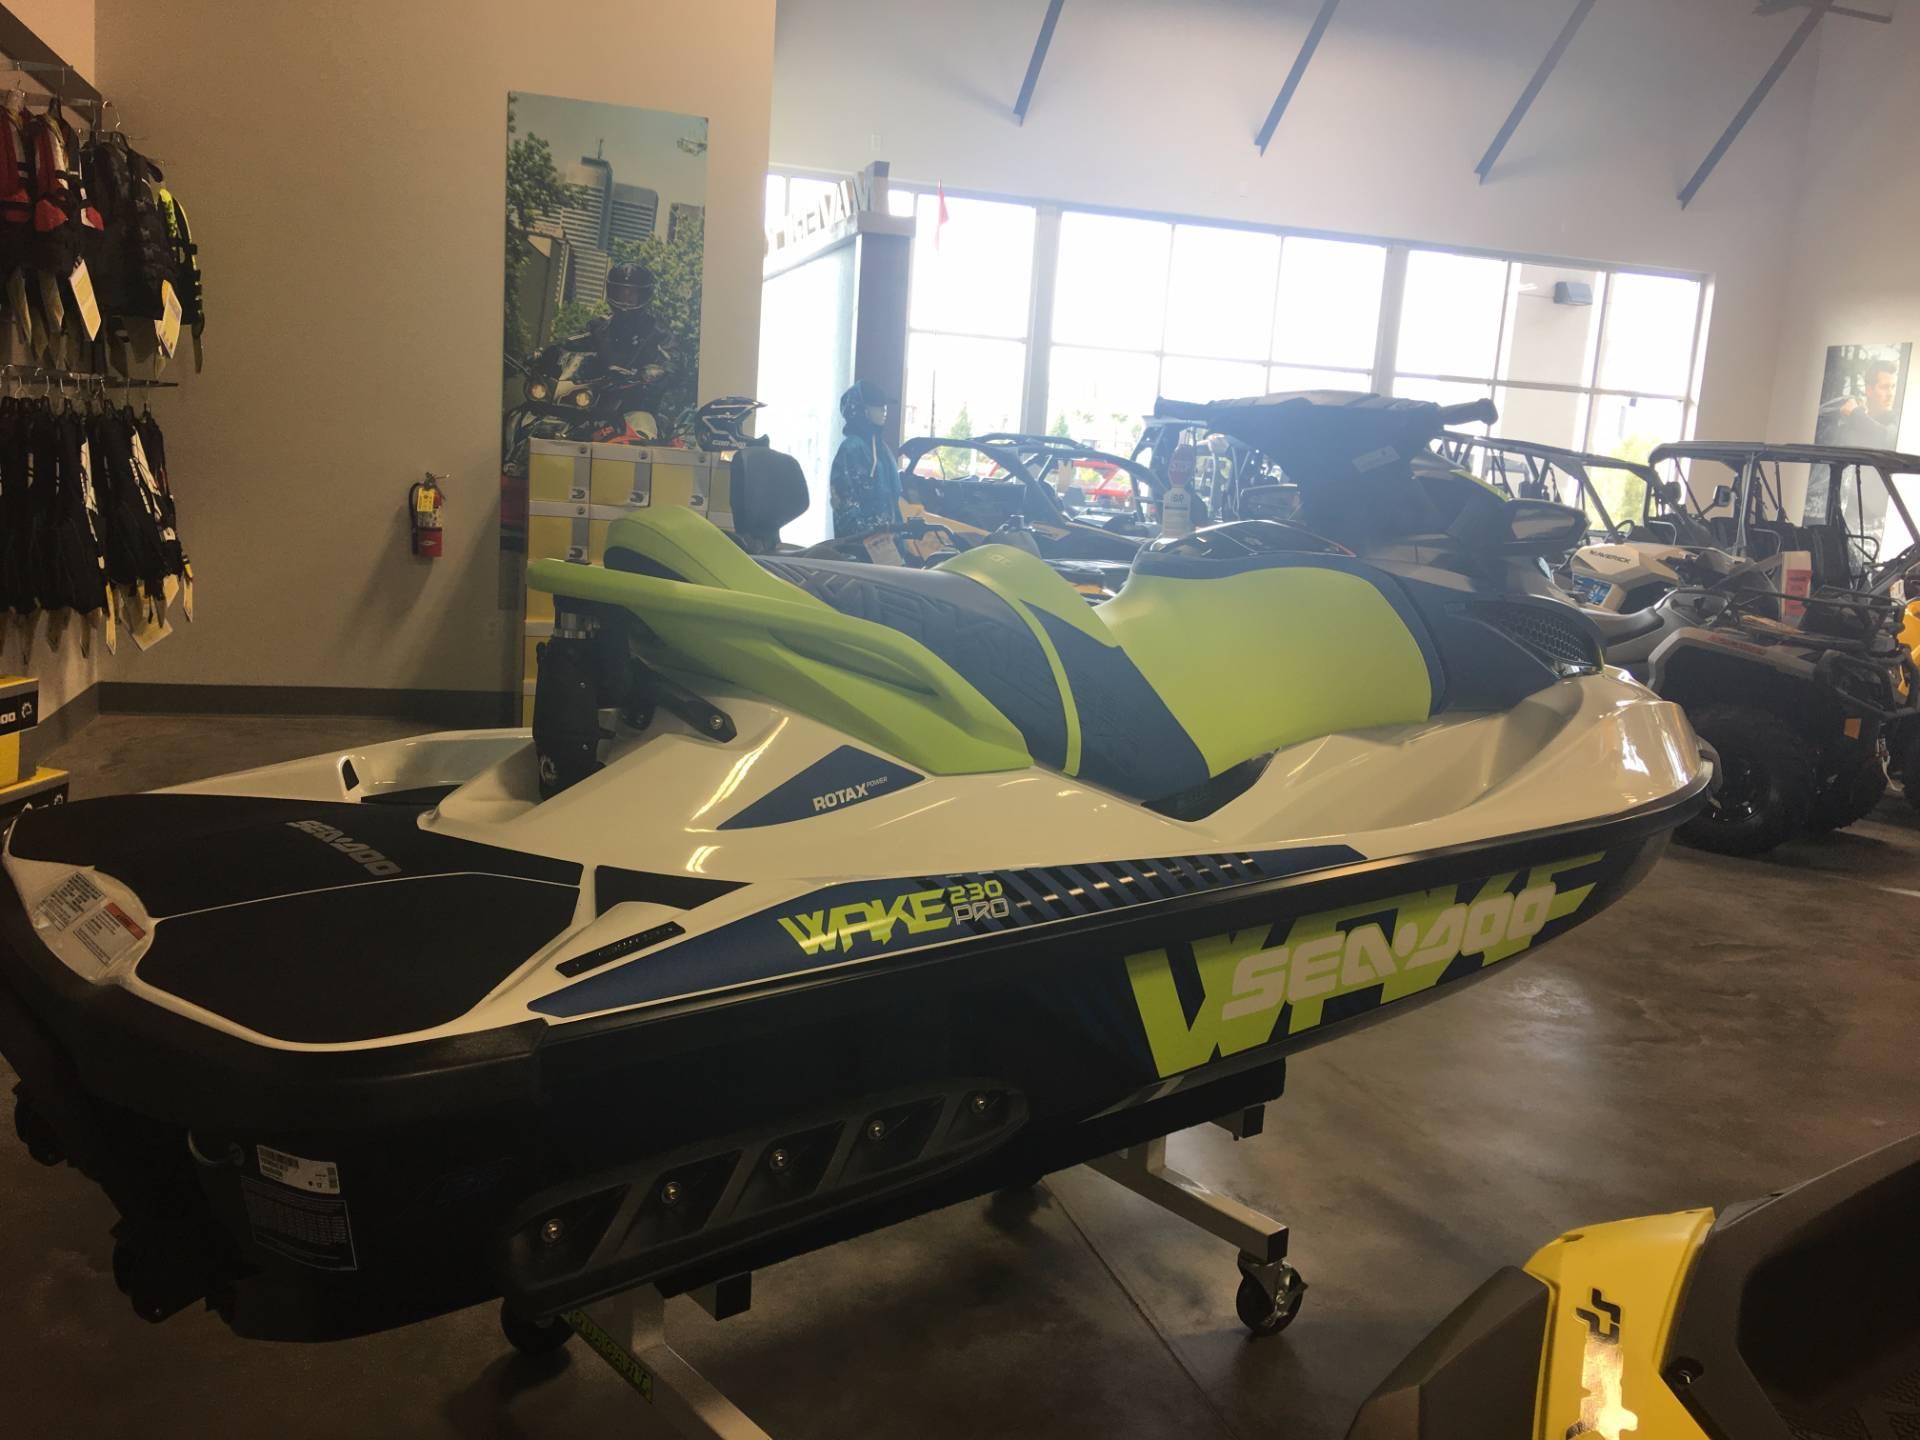 2017 Sea-Doo WAKE Pro 230 in Las Vegas, Nevada